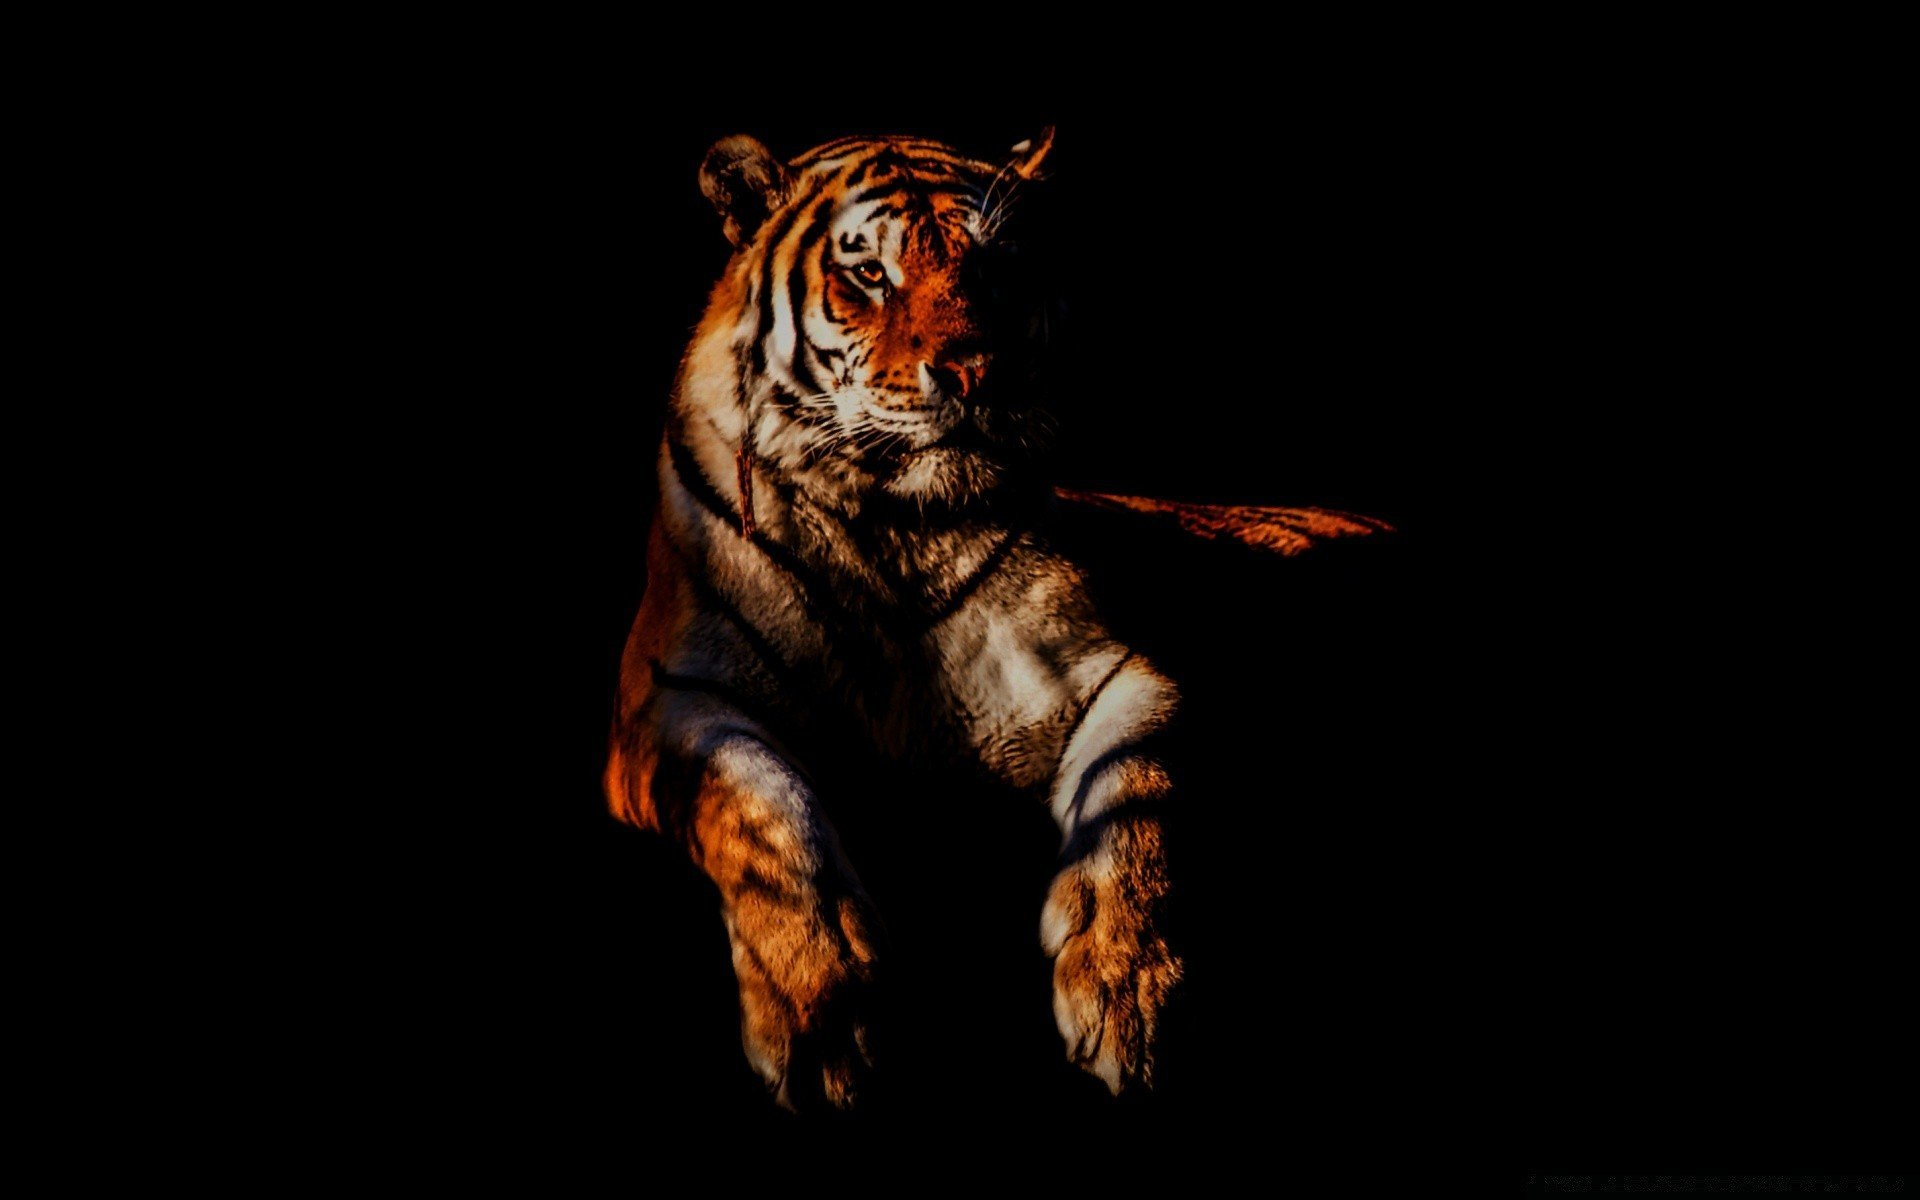 для картинка тигренок на черном фоне состояние